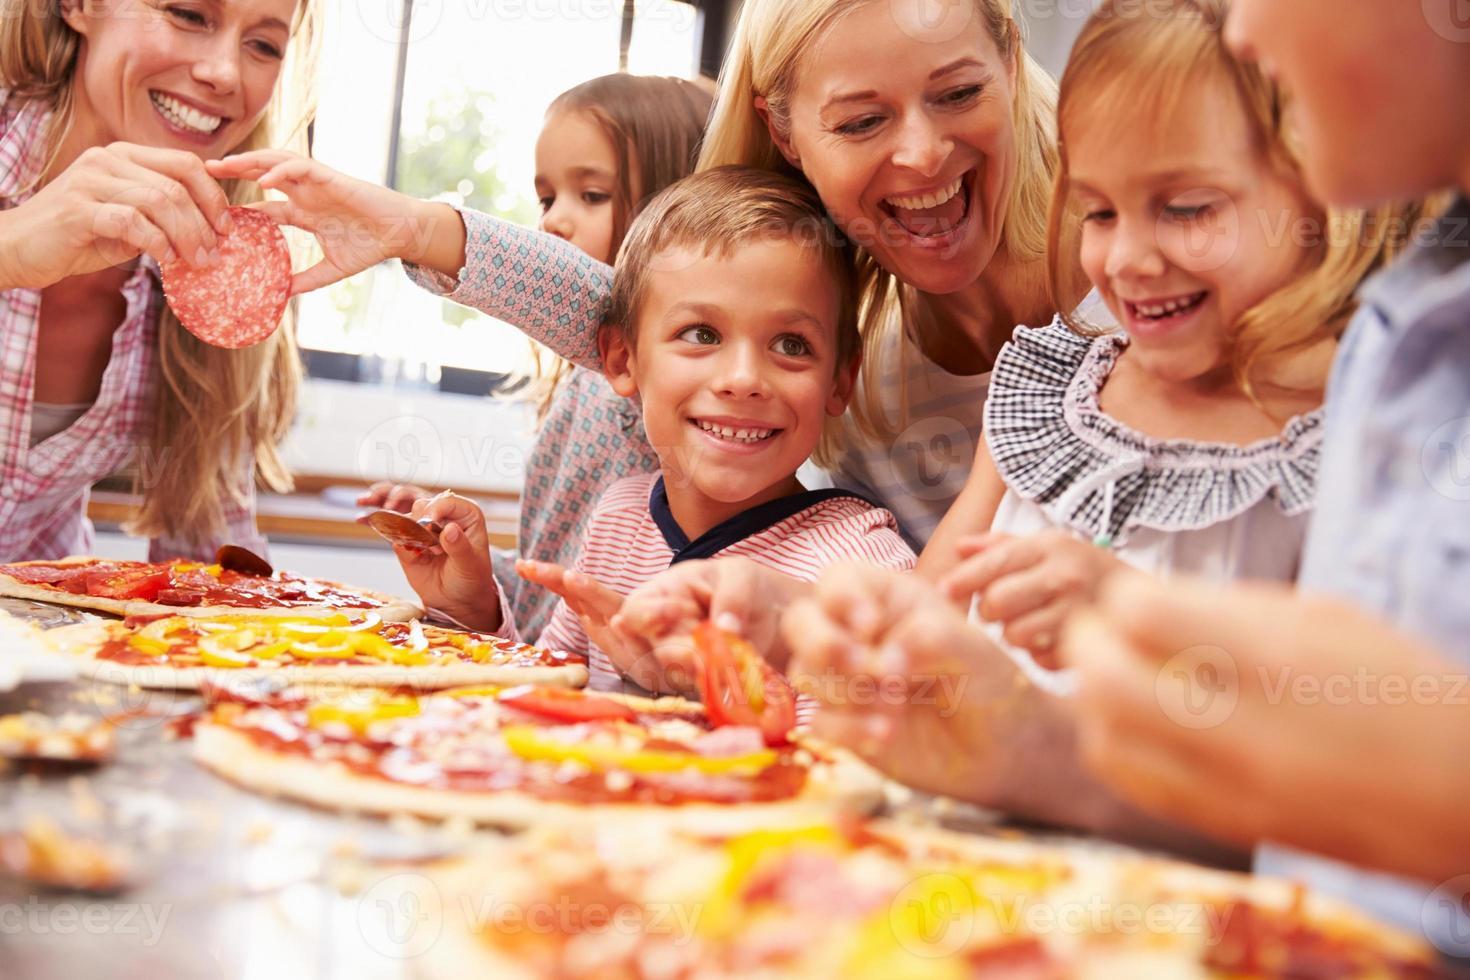 twee vrouwen die pizza maken met kinderen foto